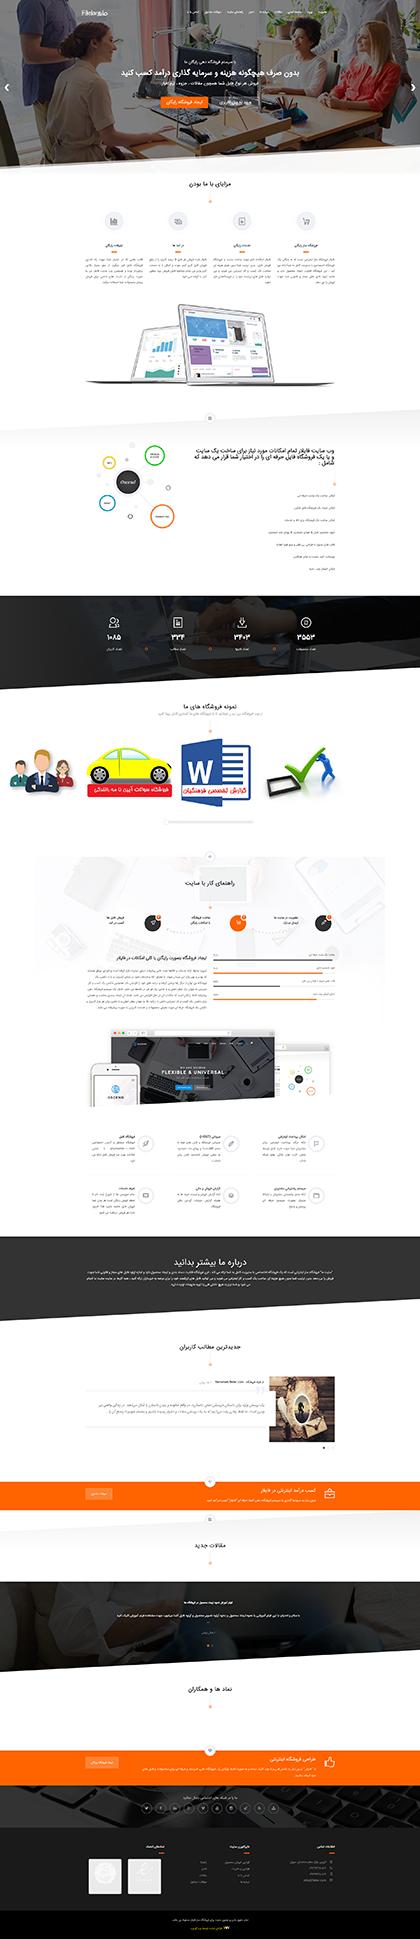 طراحی وب سایت فروش فایل صوتی و ویدیویی